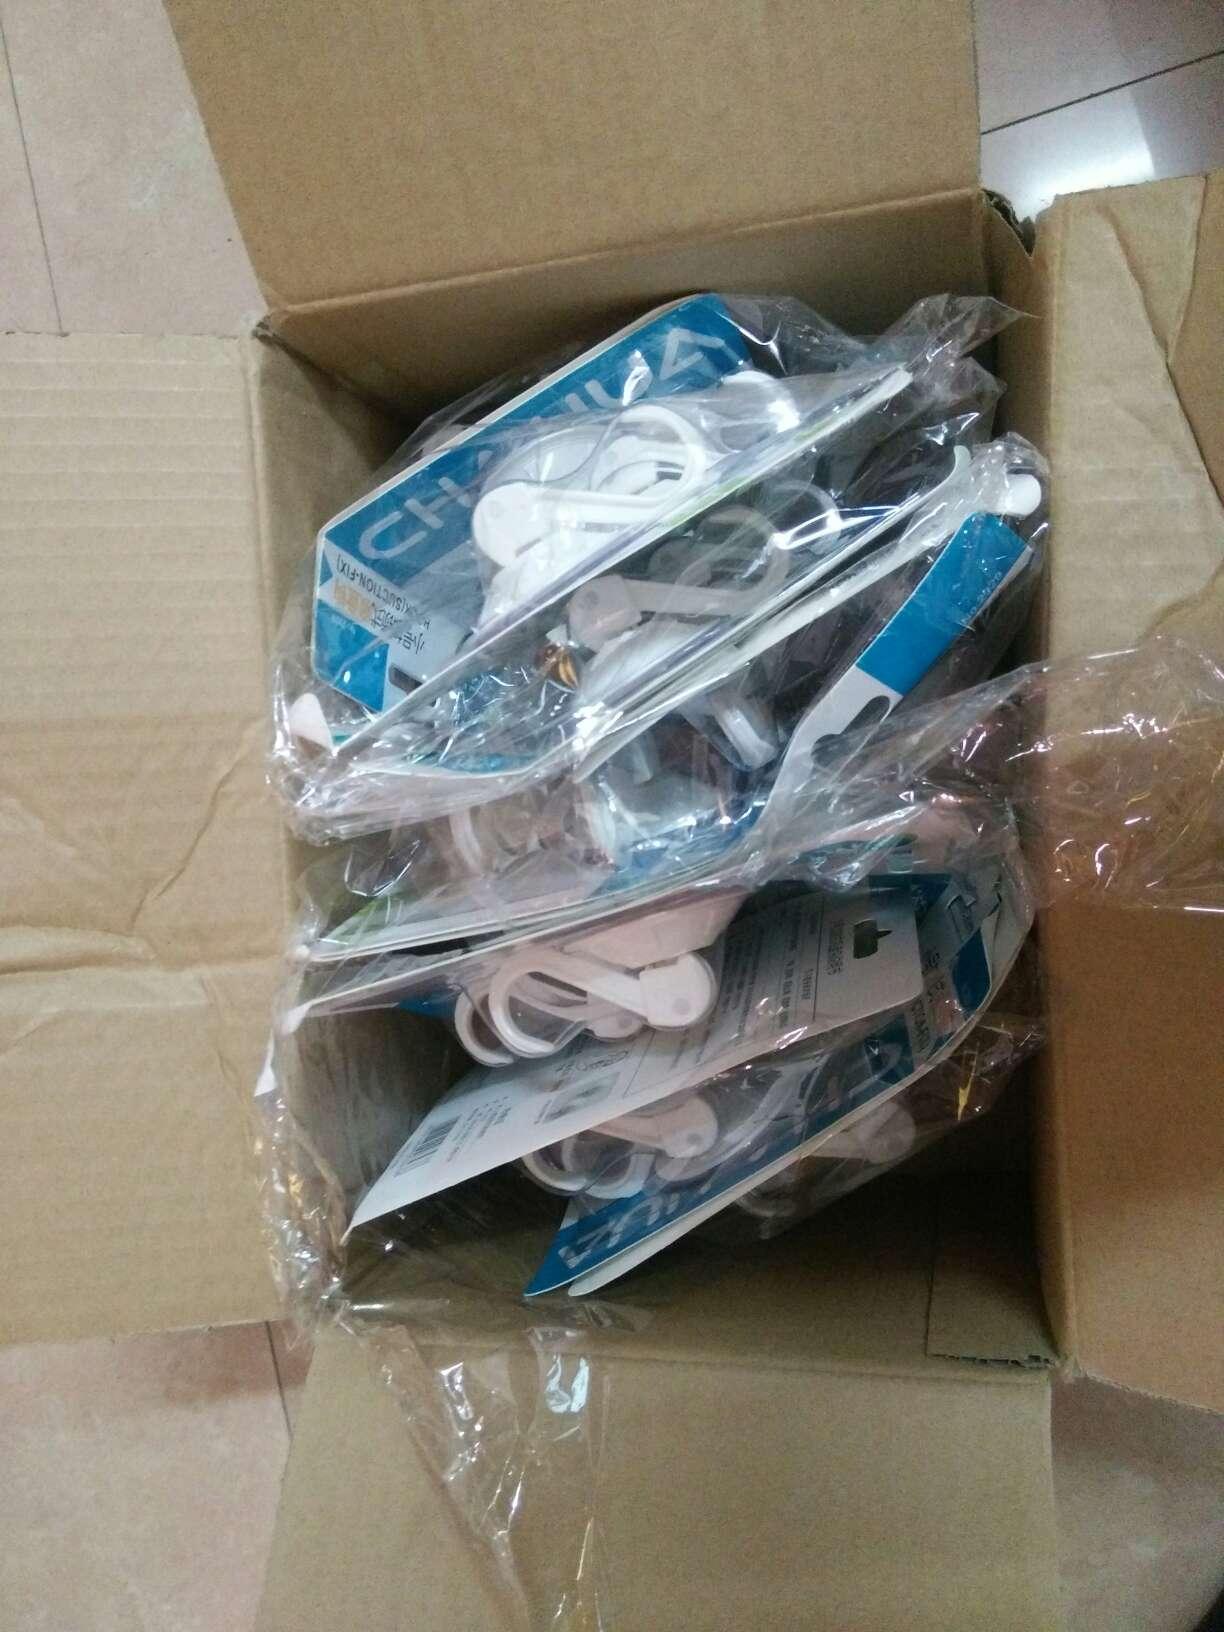 new af1 shoes 00246231 women